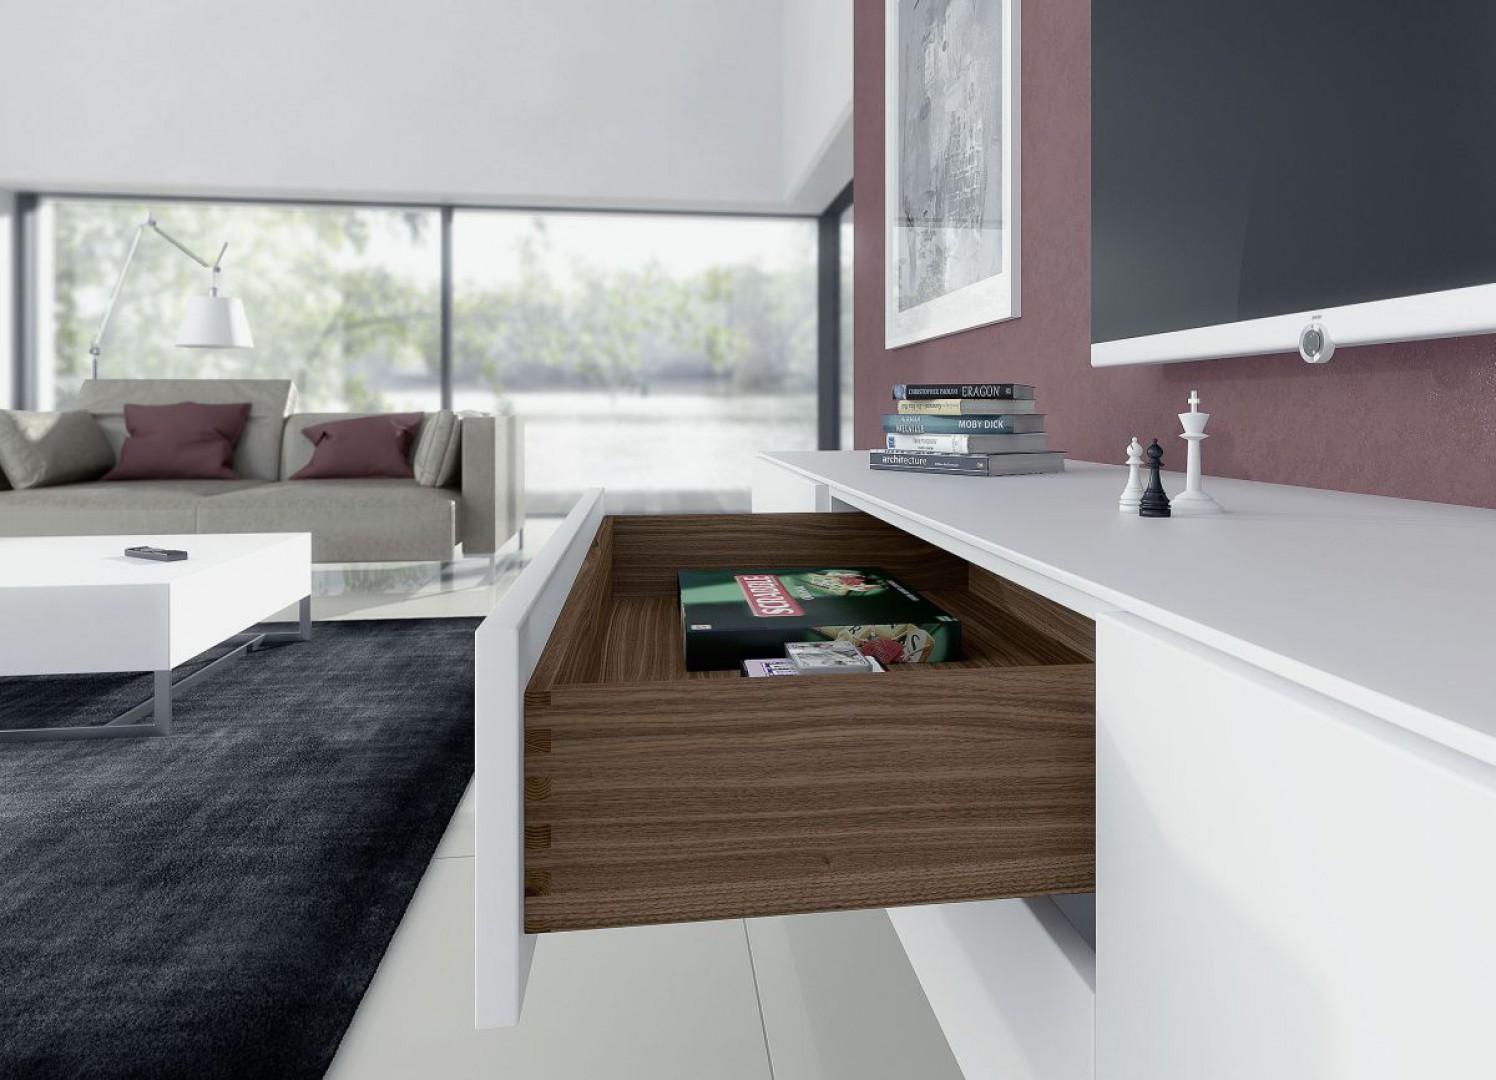 Prowadnica do szuflad drewnianych Quadro EB23 firmy Hettich. Fot. Hettich